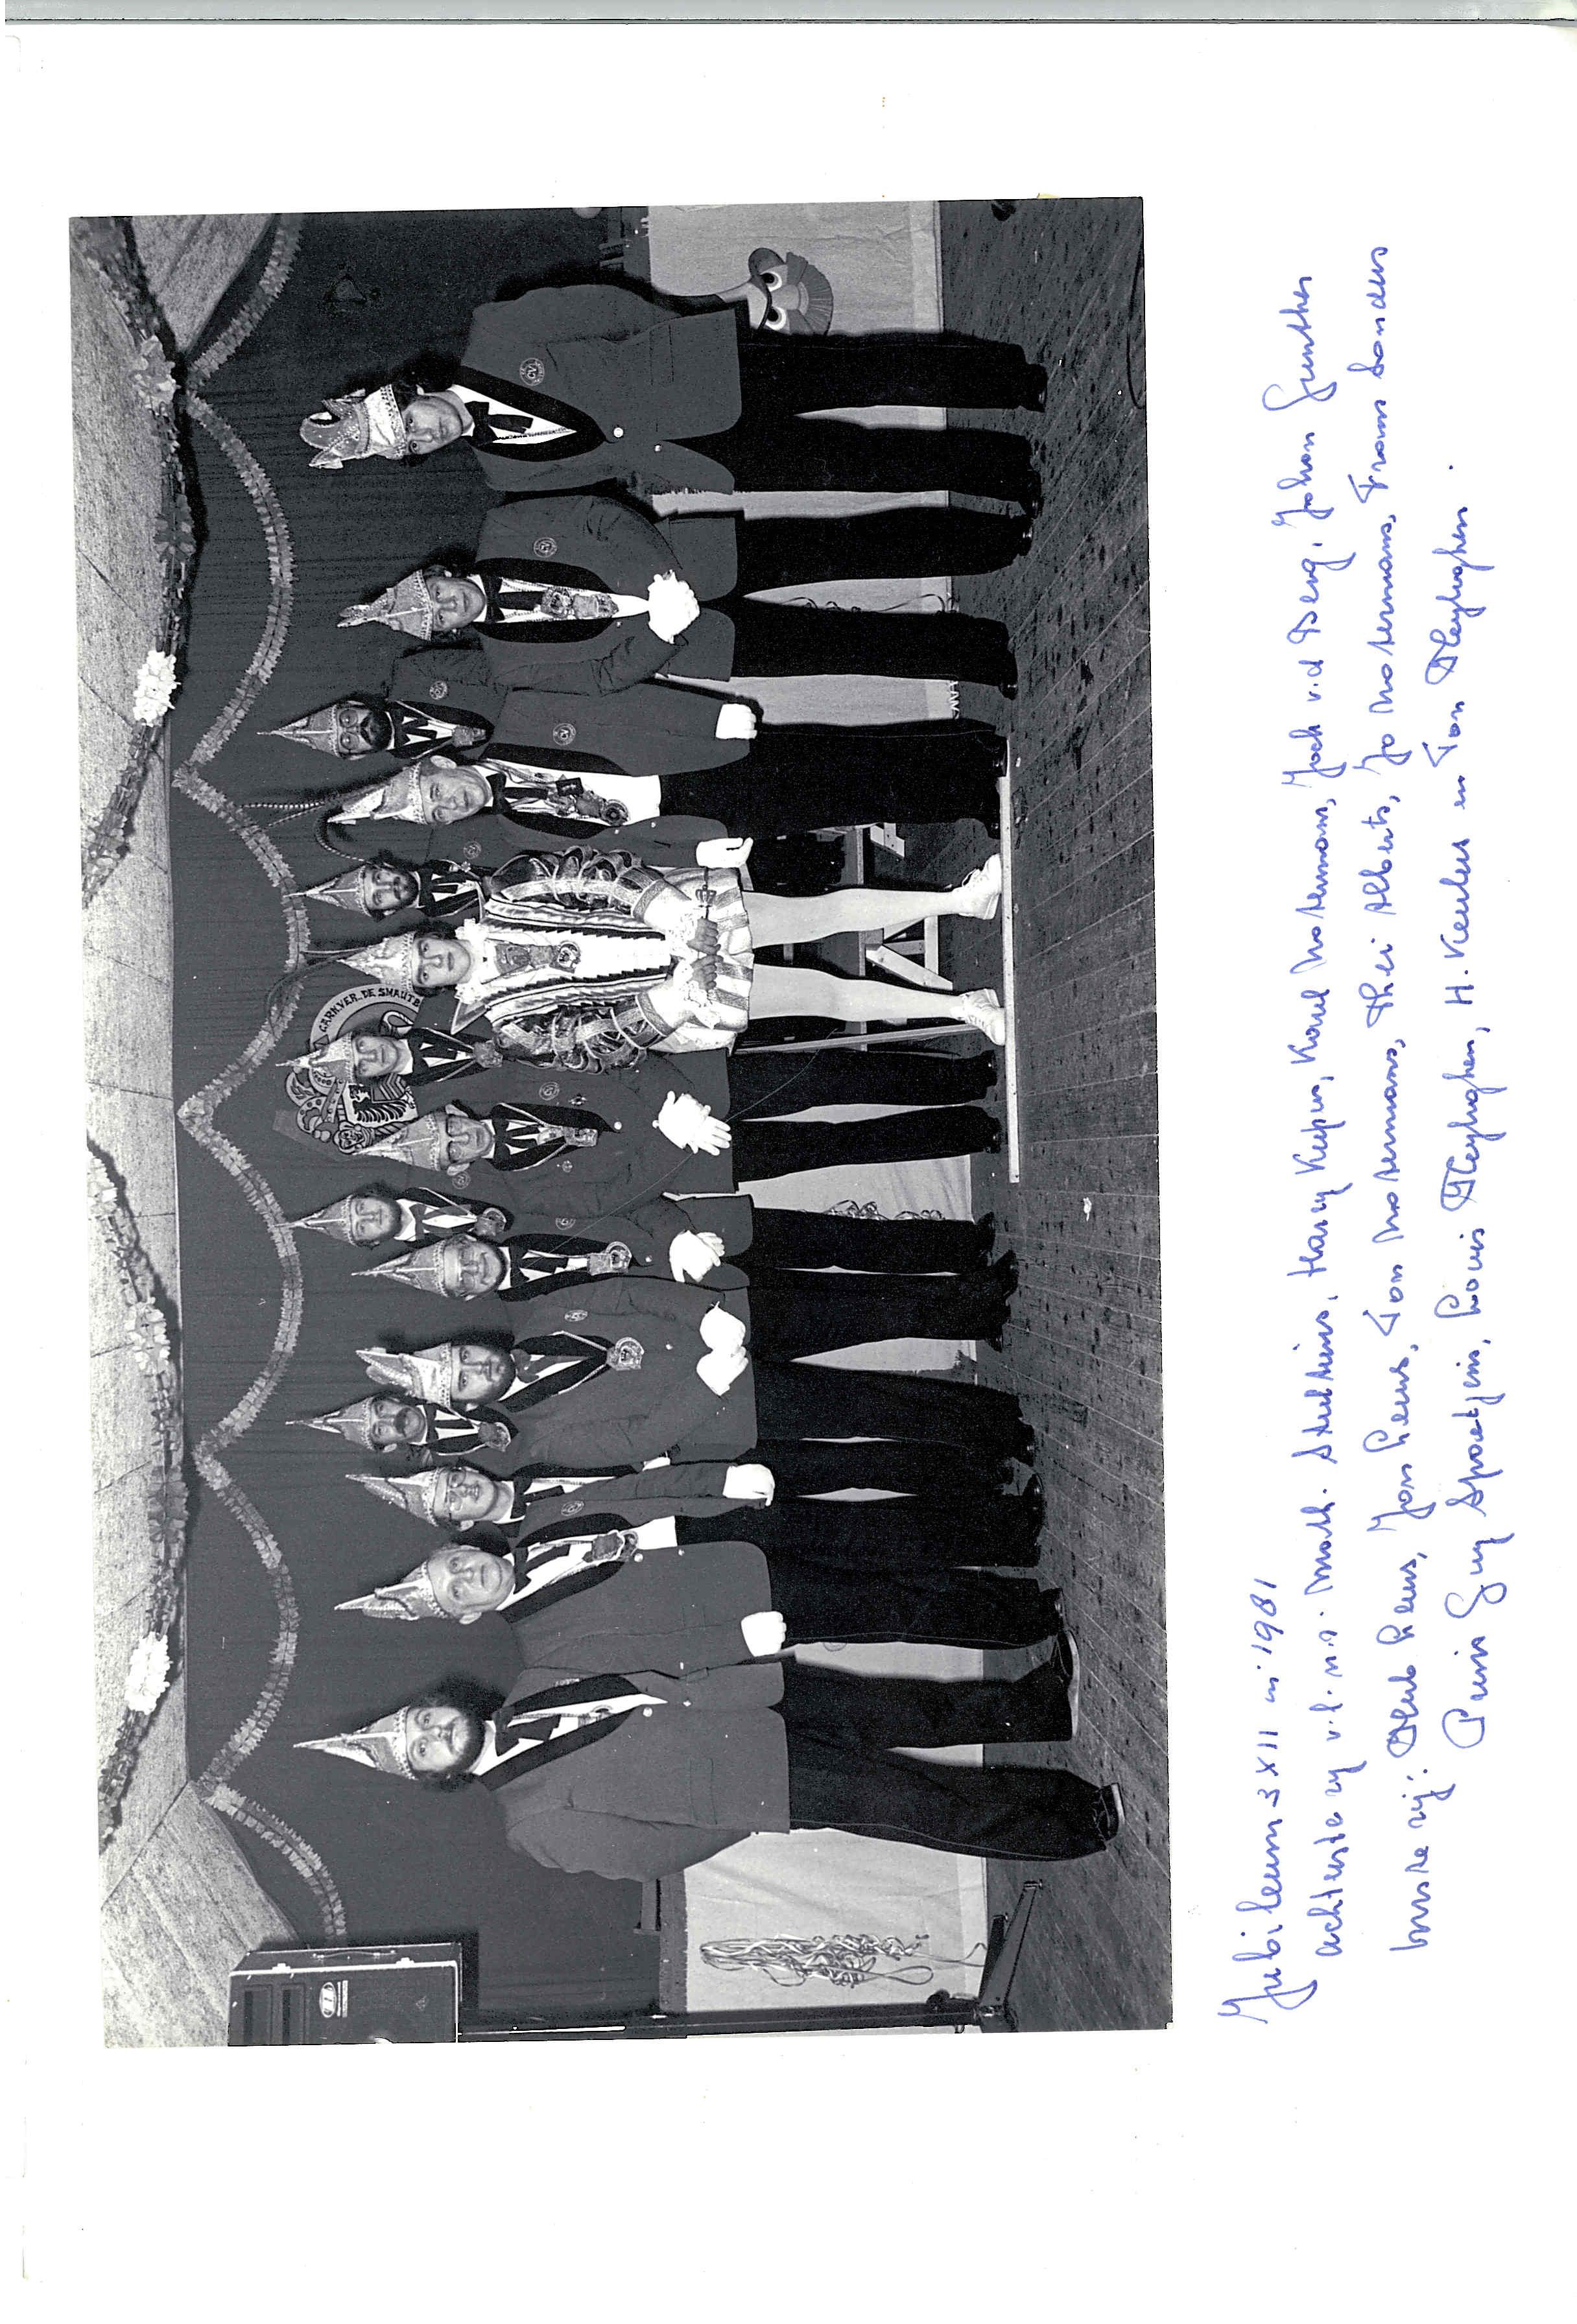 Fotoboek I Louis Heylighen p14